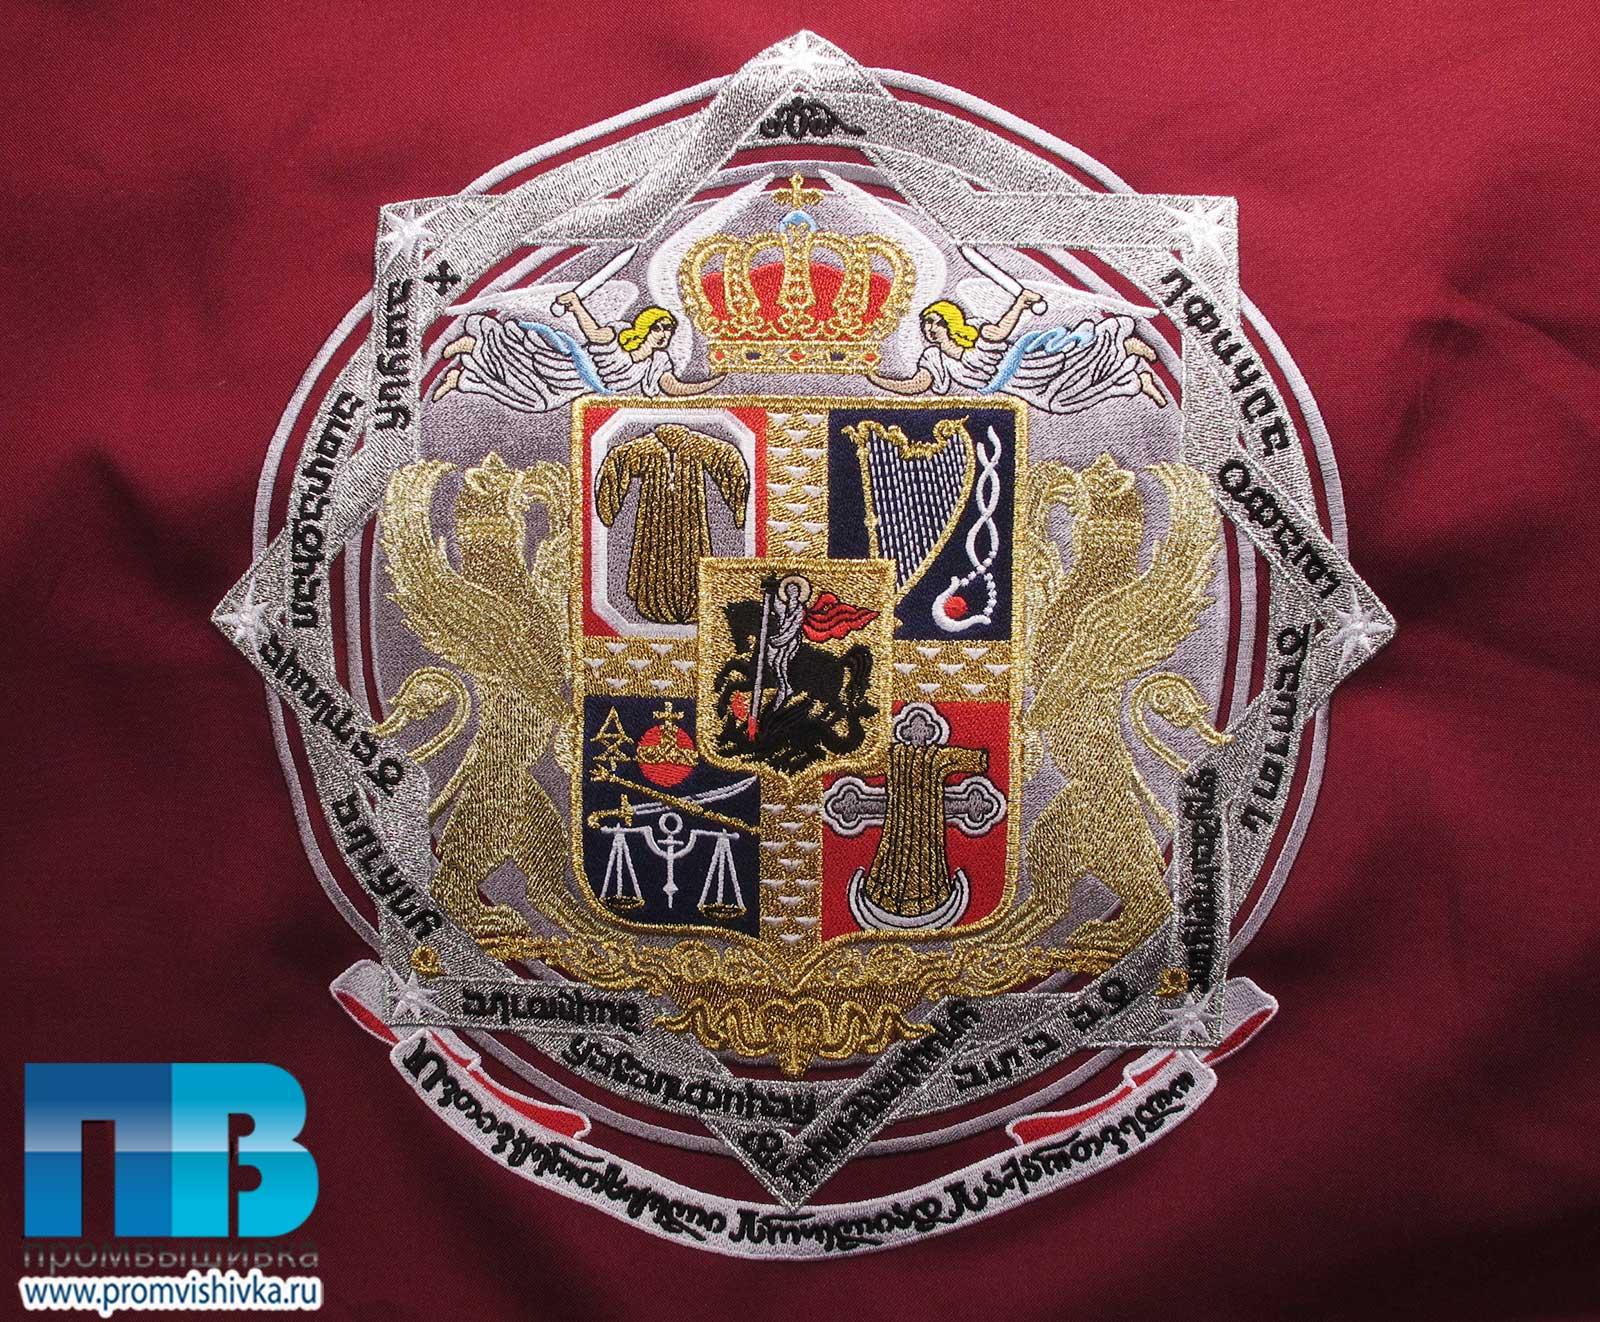 Вышивка знамени для Рыцарского ордена Святого гроба Господнего Иерусалимского